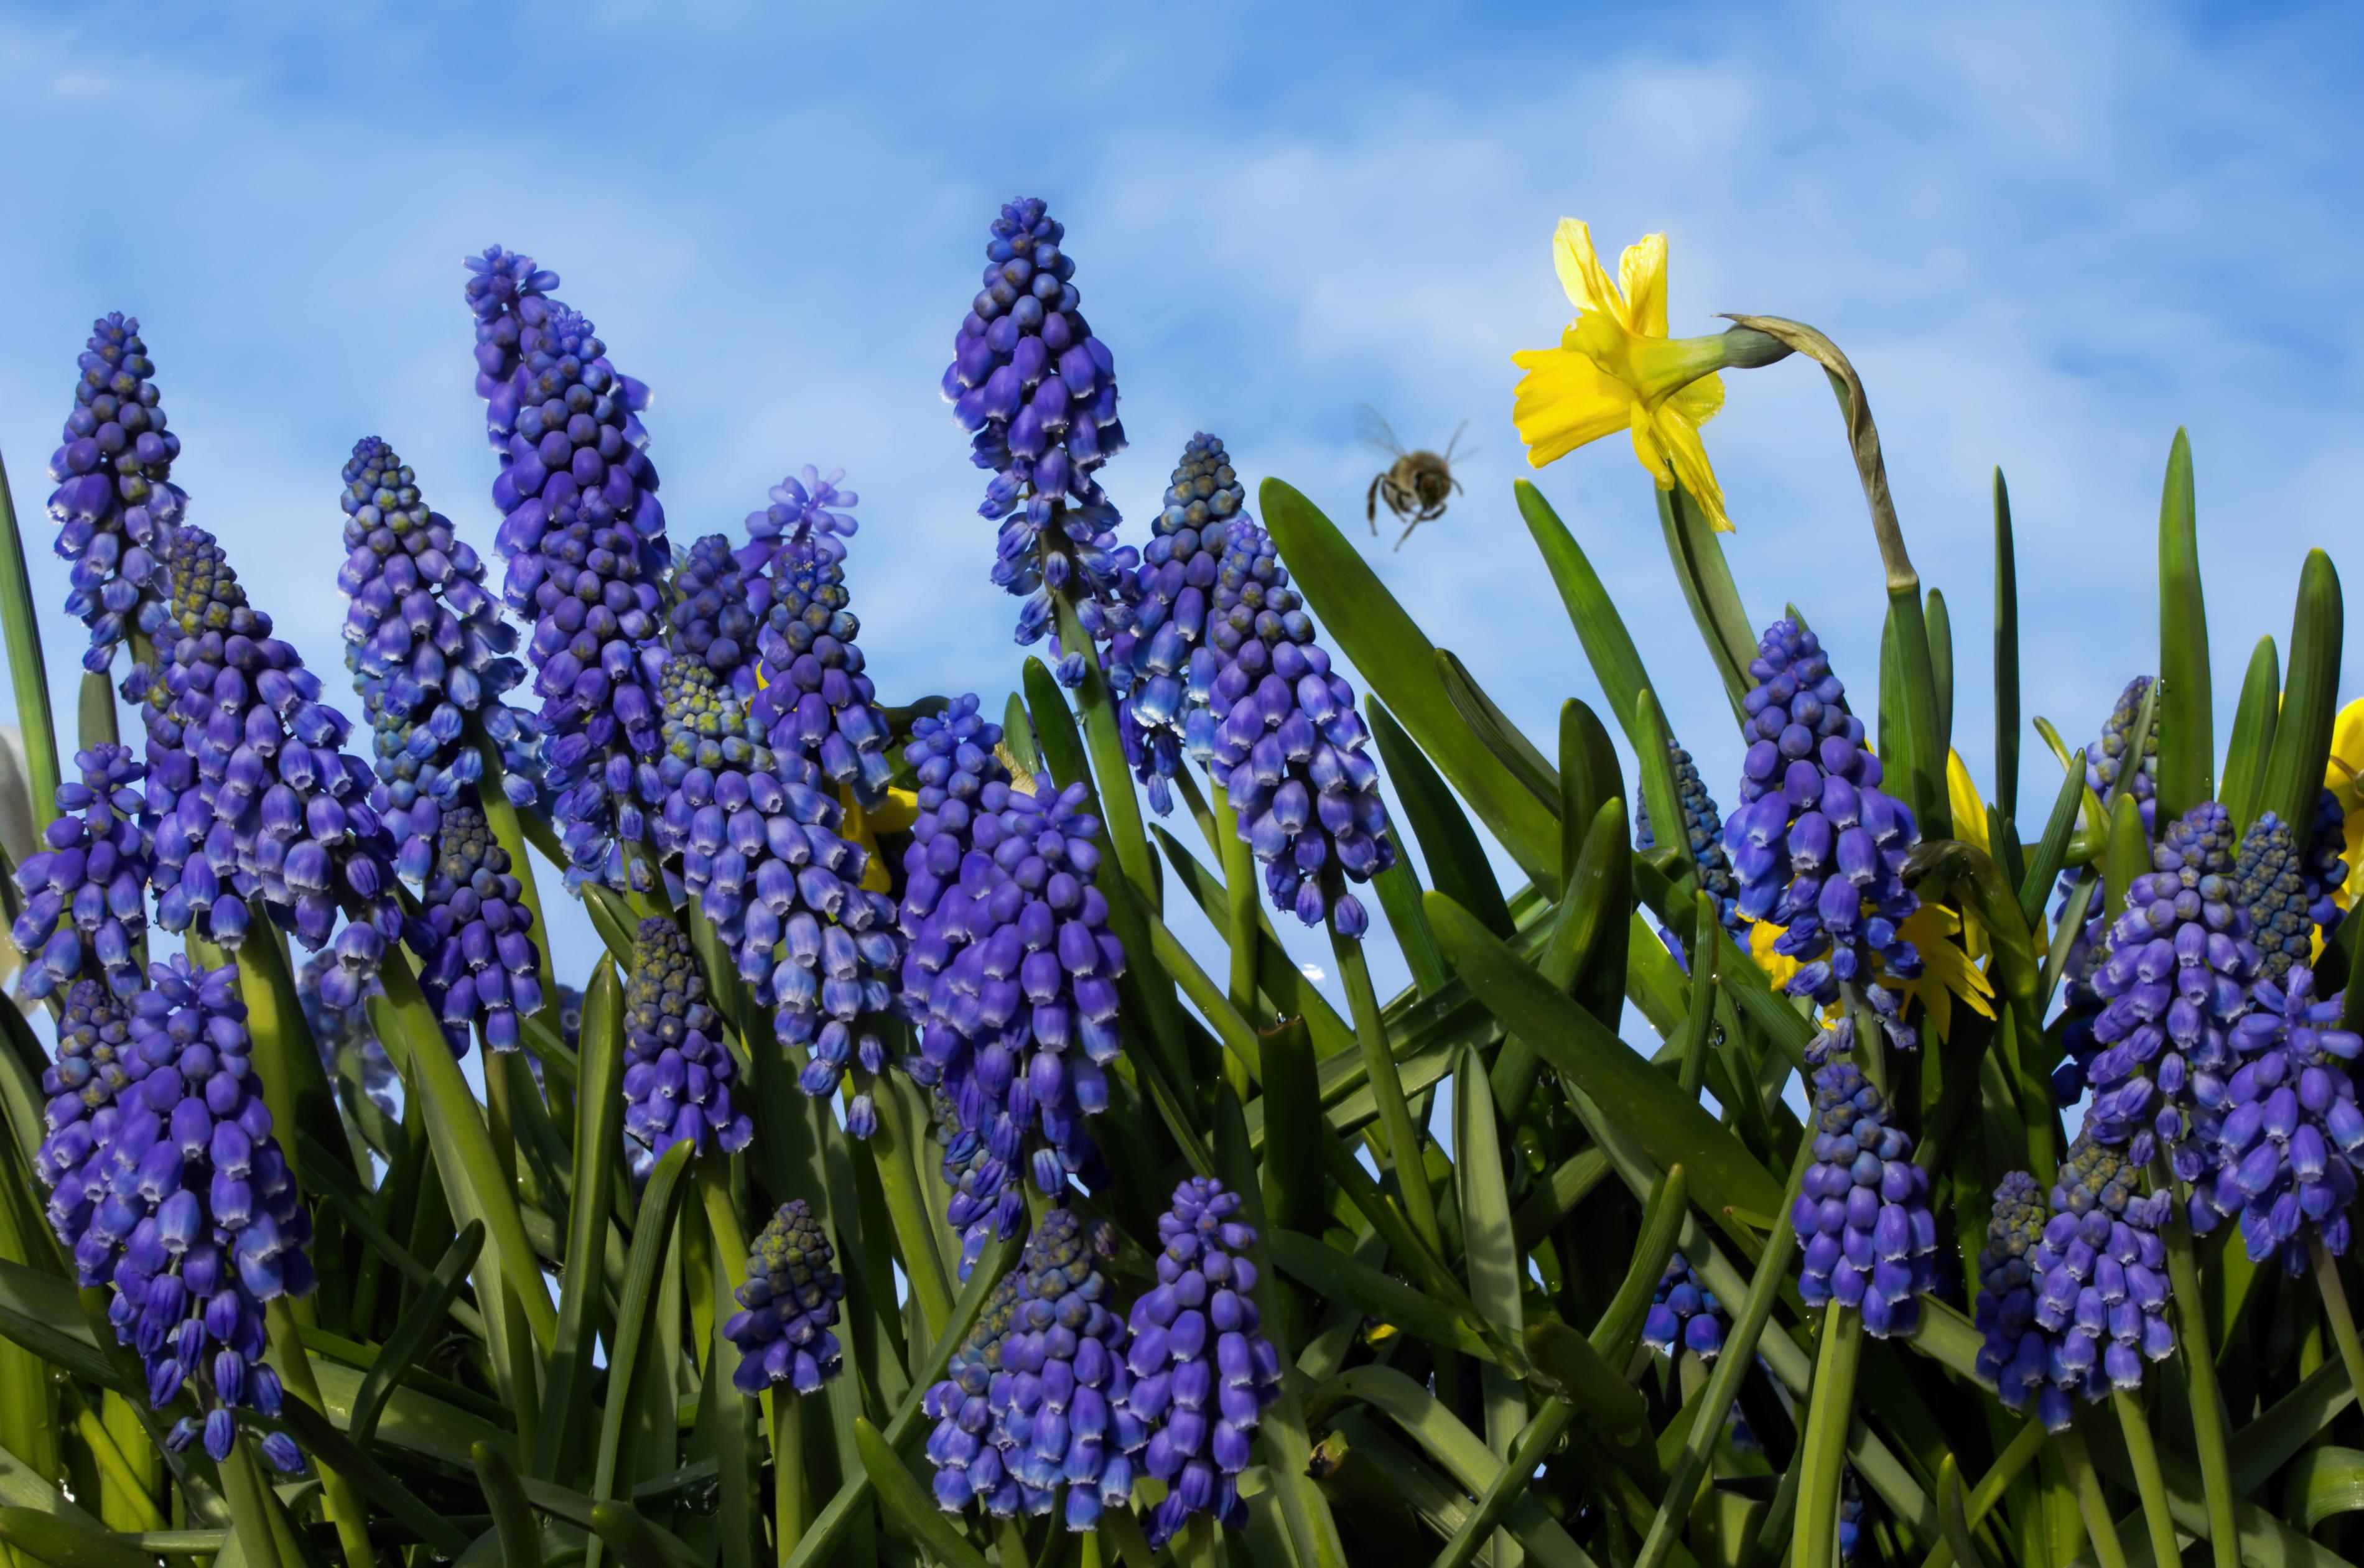 Фотографии Muscari Цветы Нарциссы Гиацинты Крупным планом 3800x2521 цветок вблизи